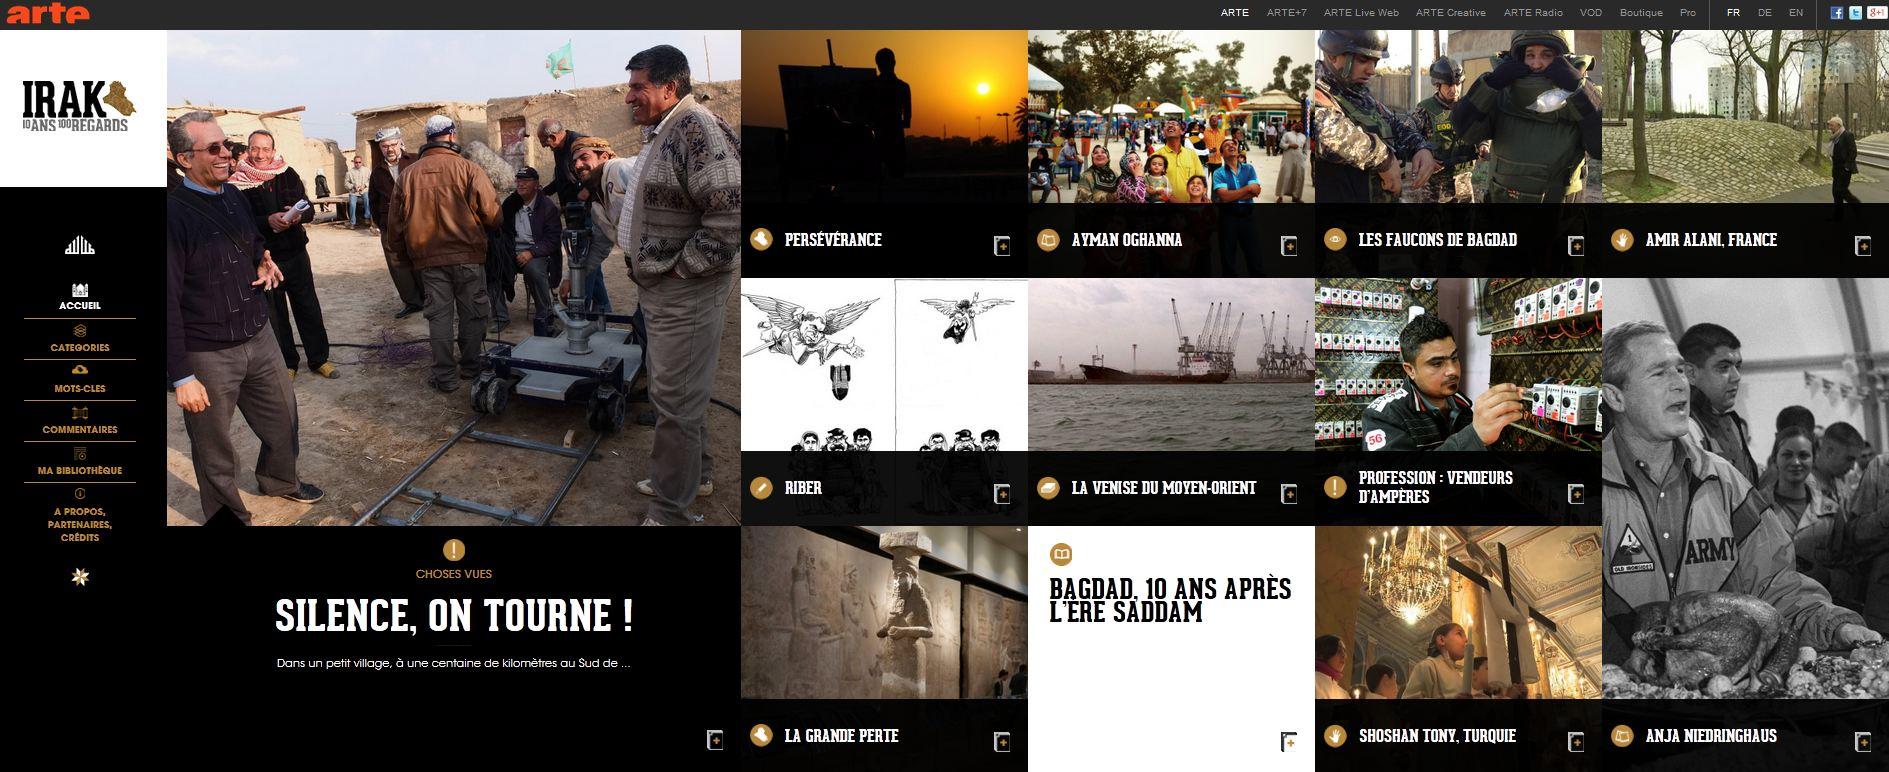 Le webdocumentaire « Irak, 2003-2013 – 10 ans, 100 regards » nommé aux Webby Awards 2014